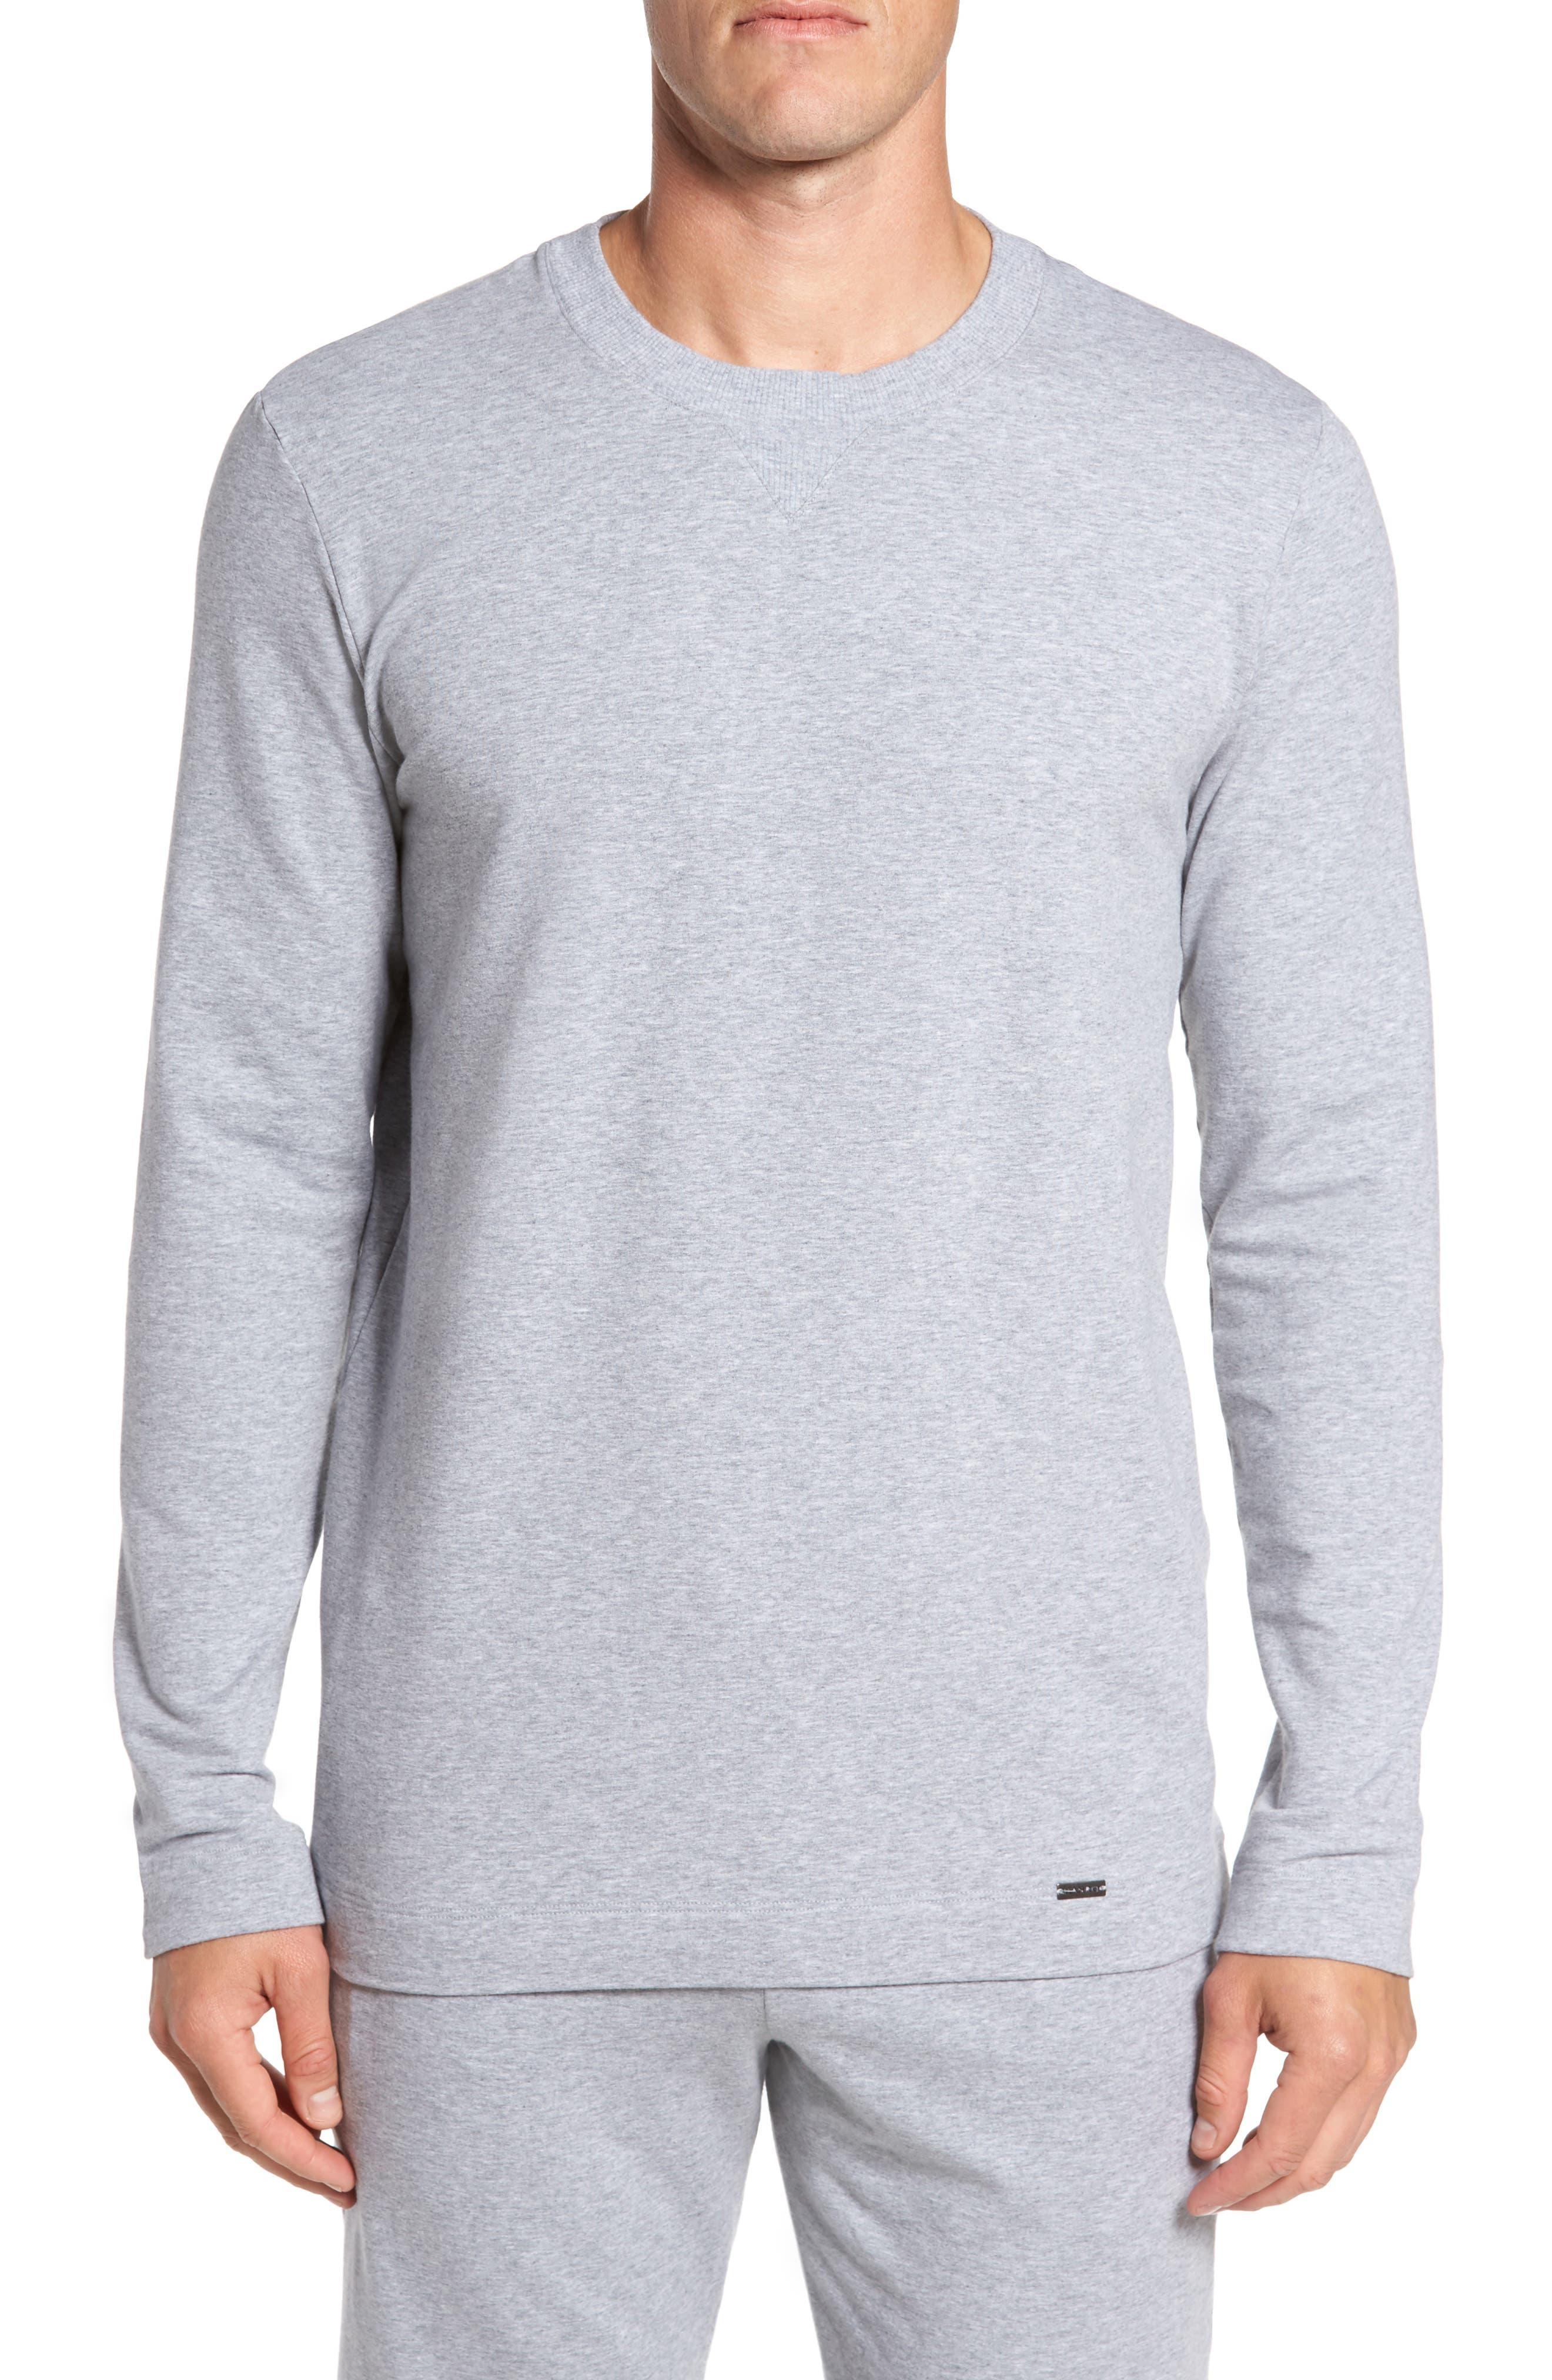 Living Pullover,                         Main,                         color, Grey Melange